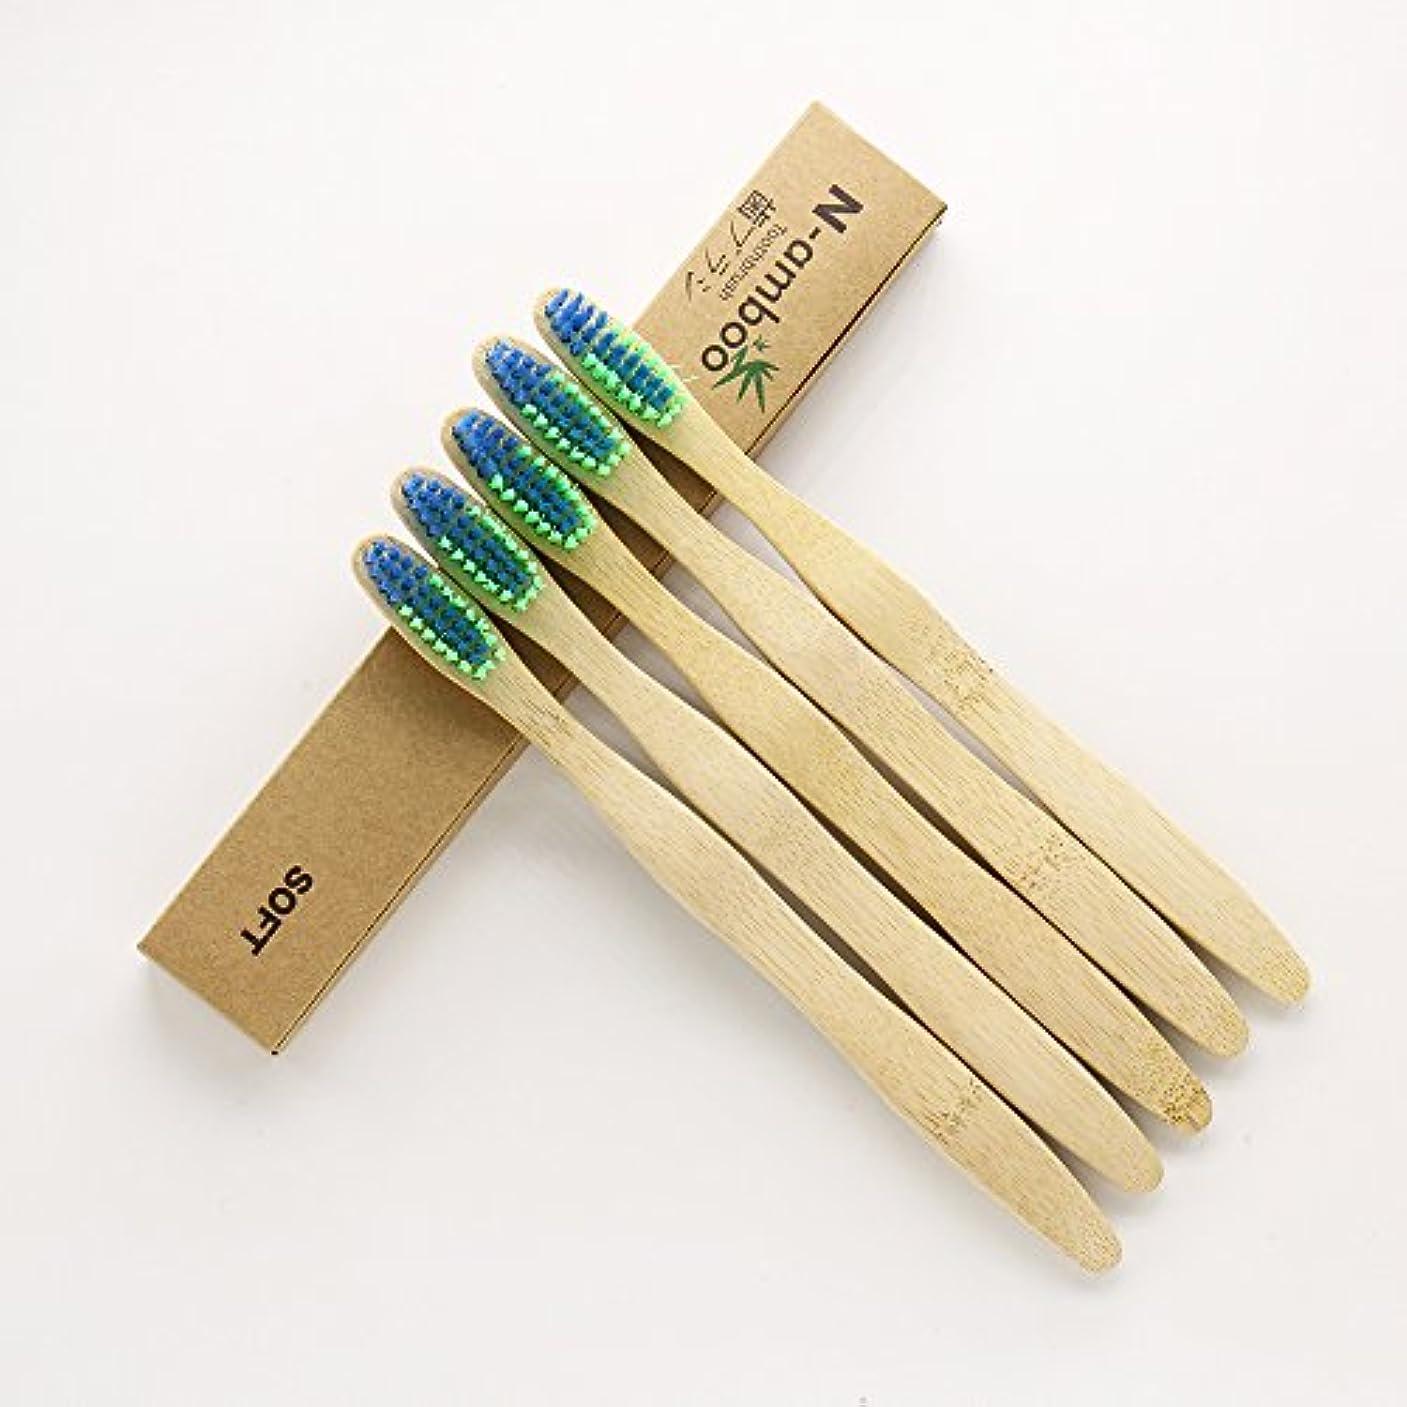 構想するボイコット姓N-amboo 竹製耐久度高い 歯ブラシ 青と緑色 5本入り セット